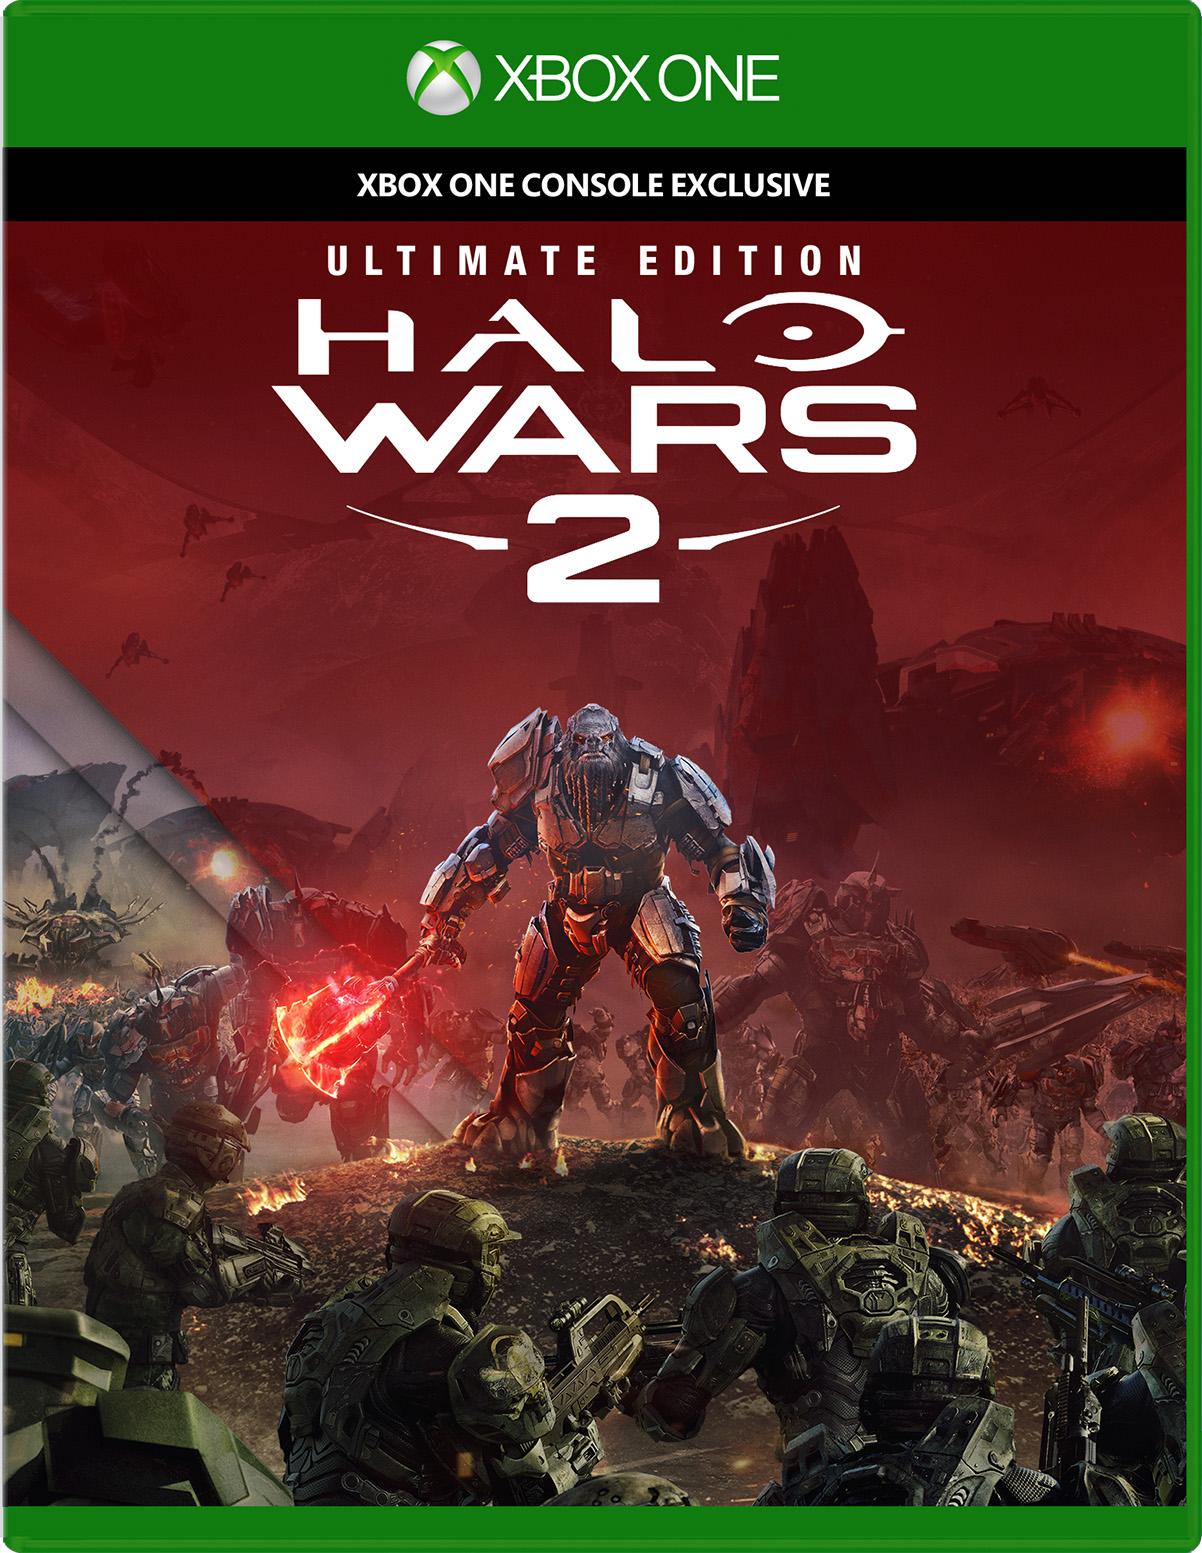 Halo Wars 2 per Xbox One